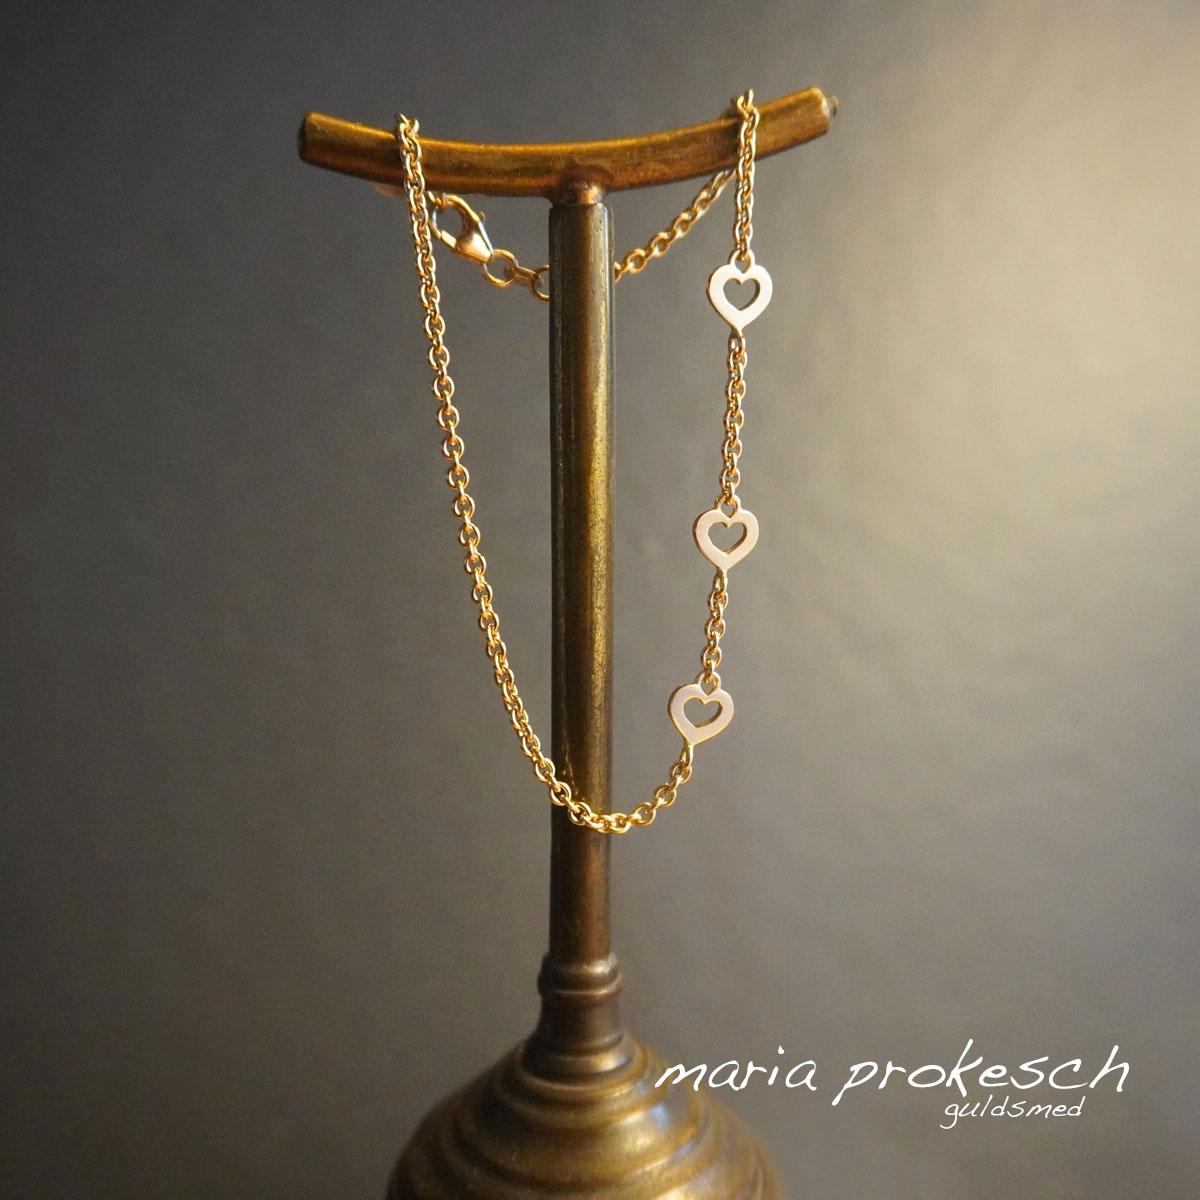 Armbånd med guldkæde og små hjerter i enkelt design som armlænke til hende